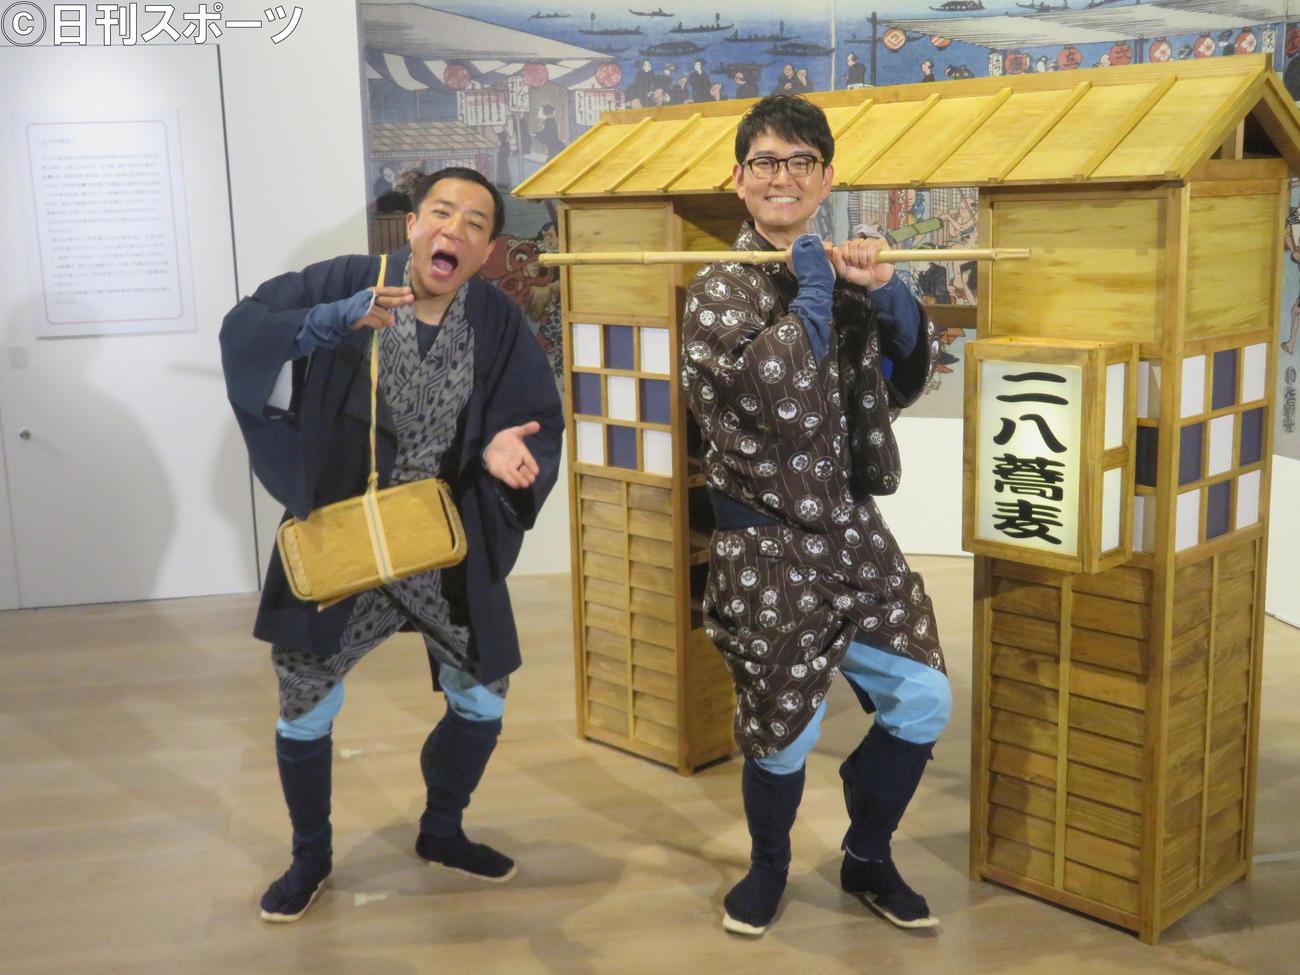 広報大使を務める浮世絵展の取材会に出席したナイツ塙宣之(左)と土屋伸之